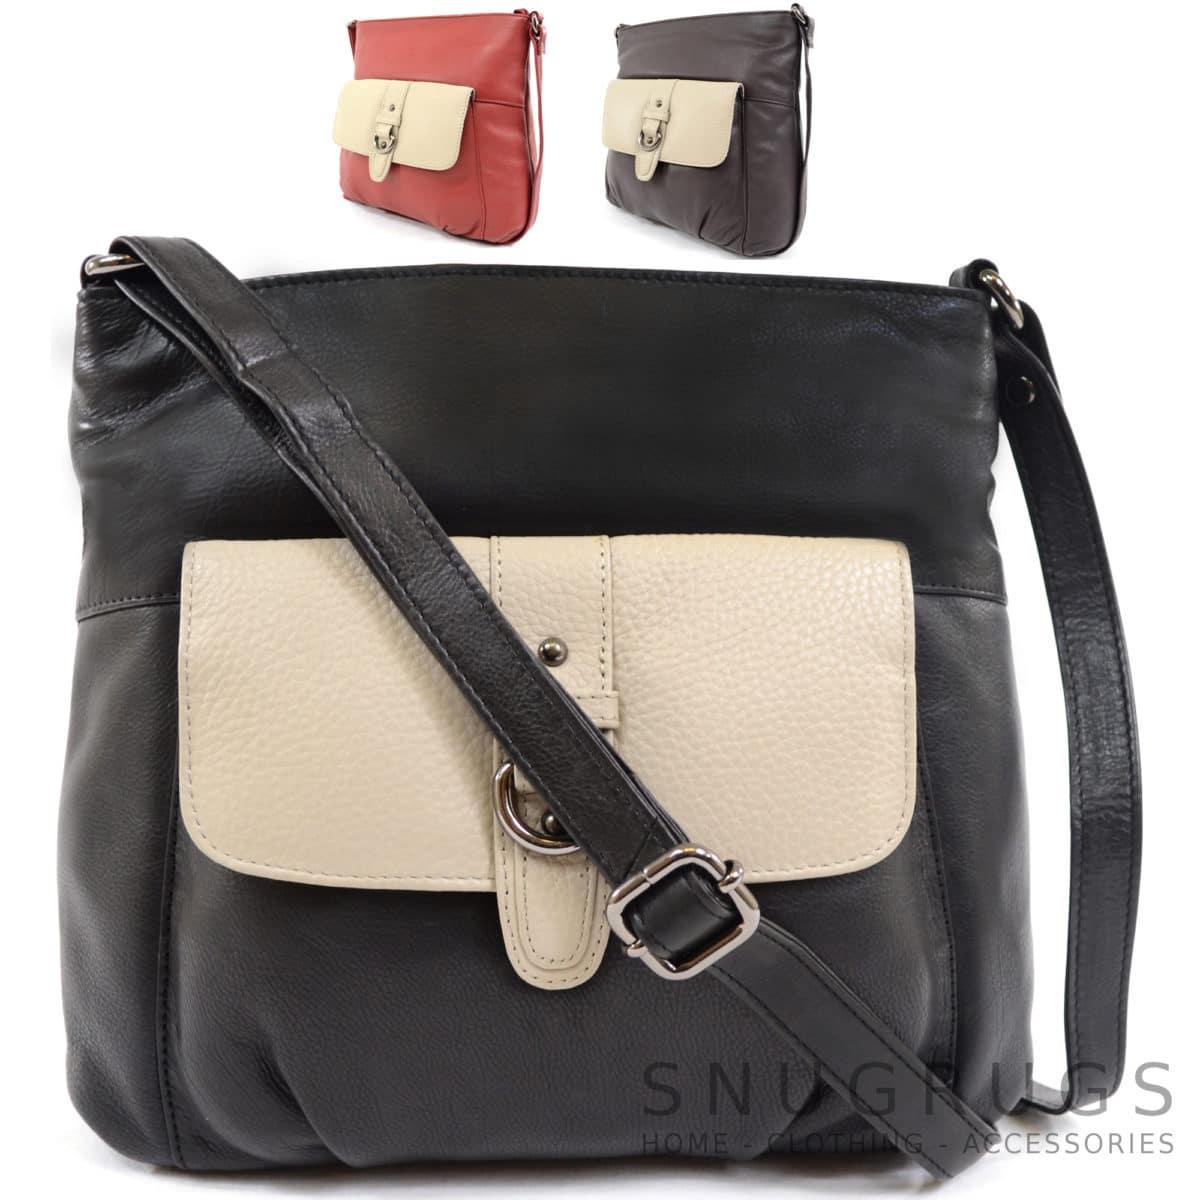 Jemma – Soft Leather Shoulder / Cross Body Bag